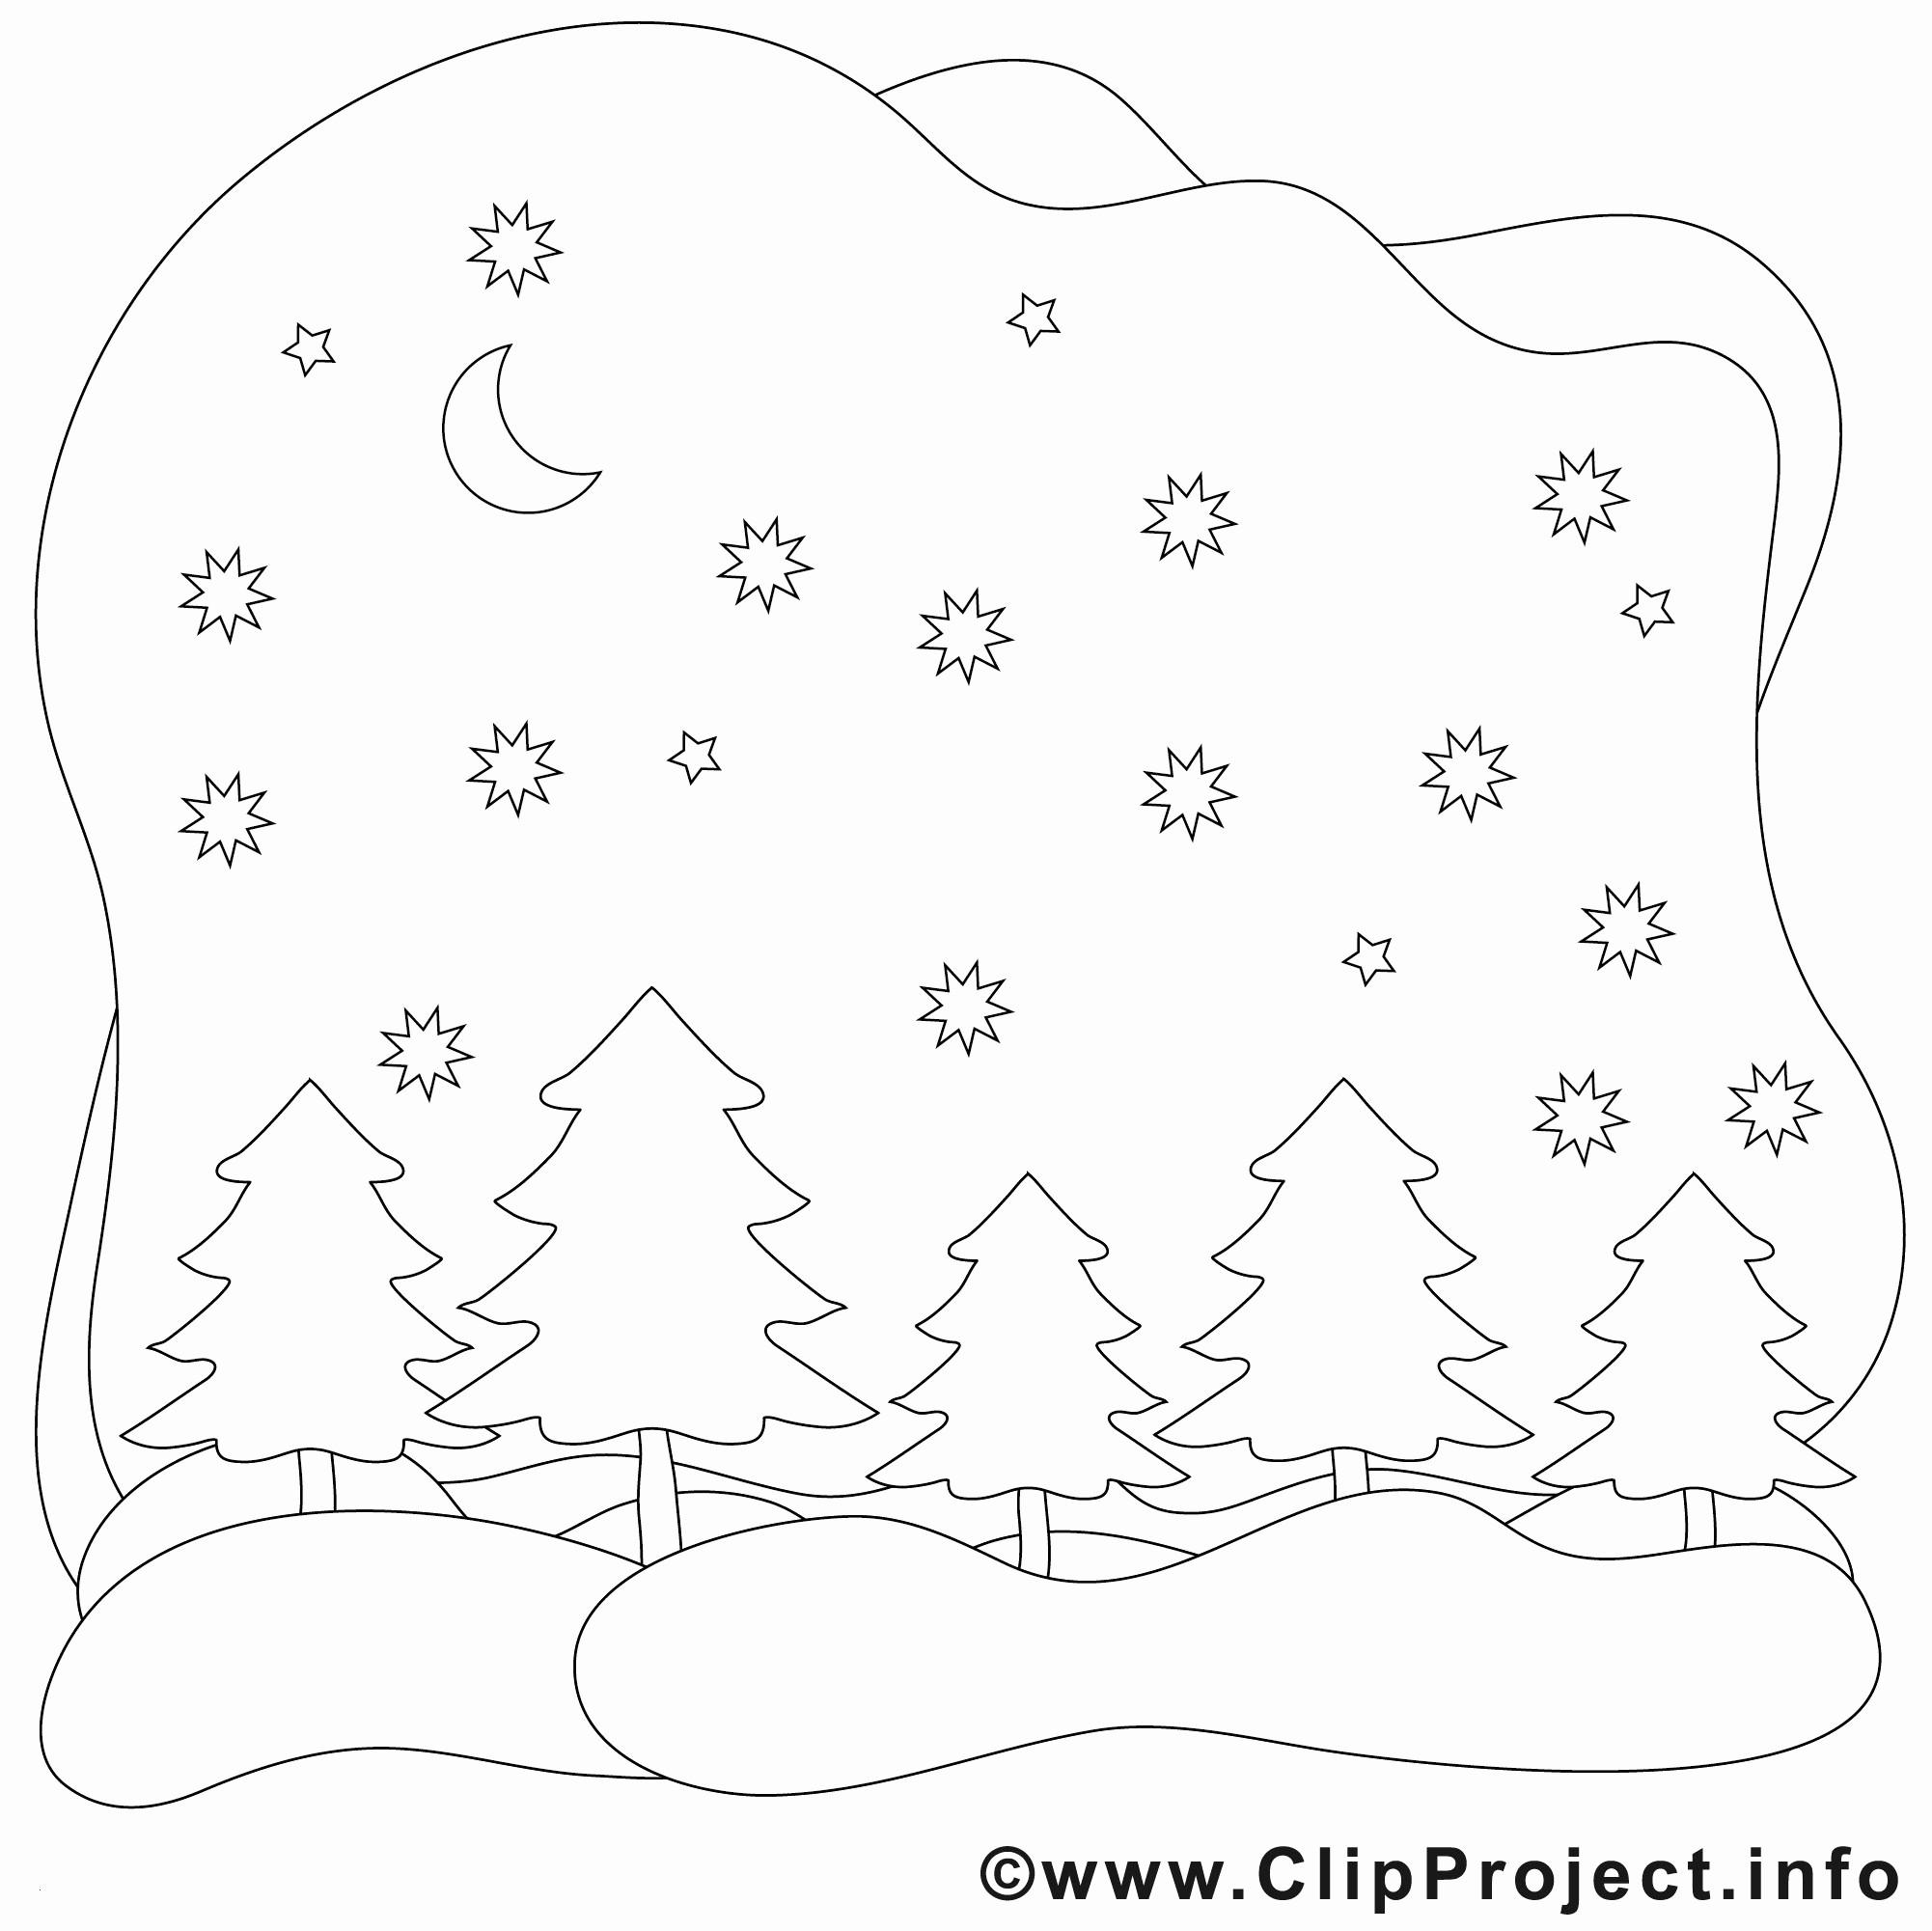 Malvorlagen Weihnachten Schneemann Das Beste Von Emoji Bilder Zum Ausdrucken Typen Ausmalbilder Weihnachten Stock